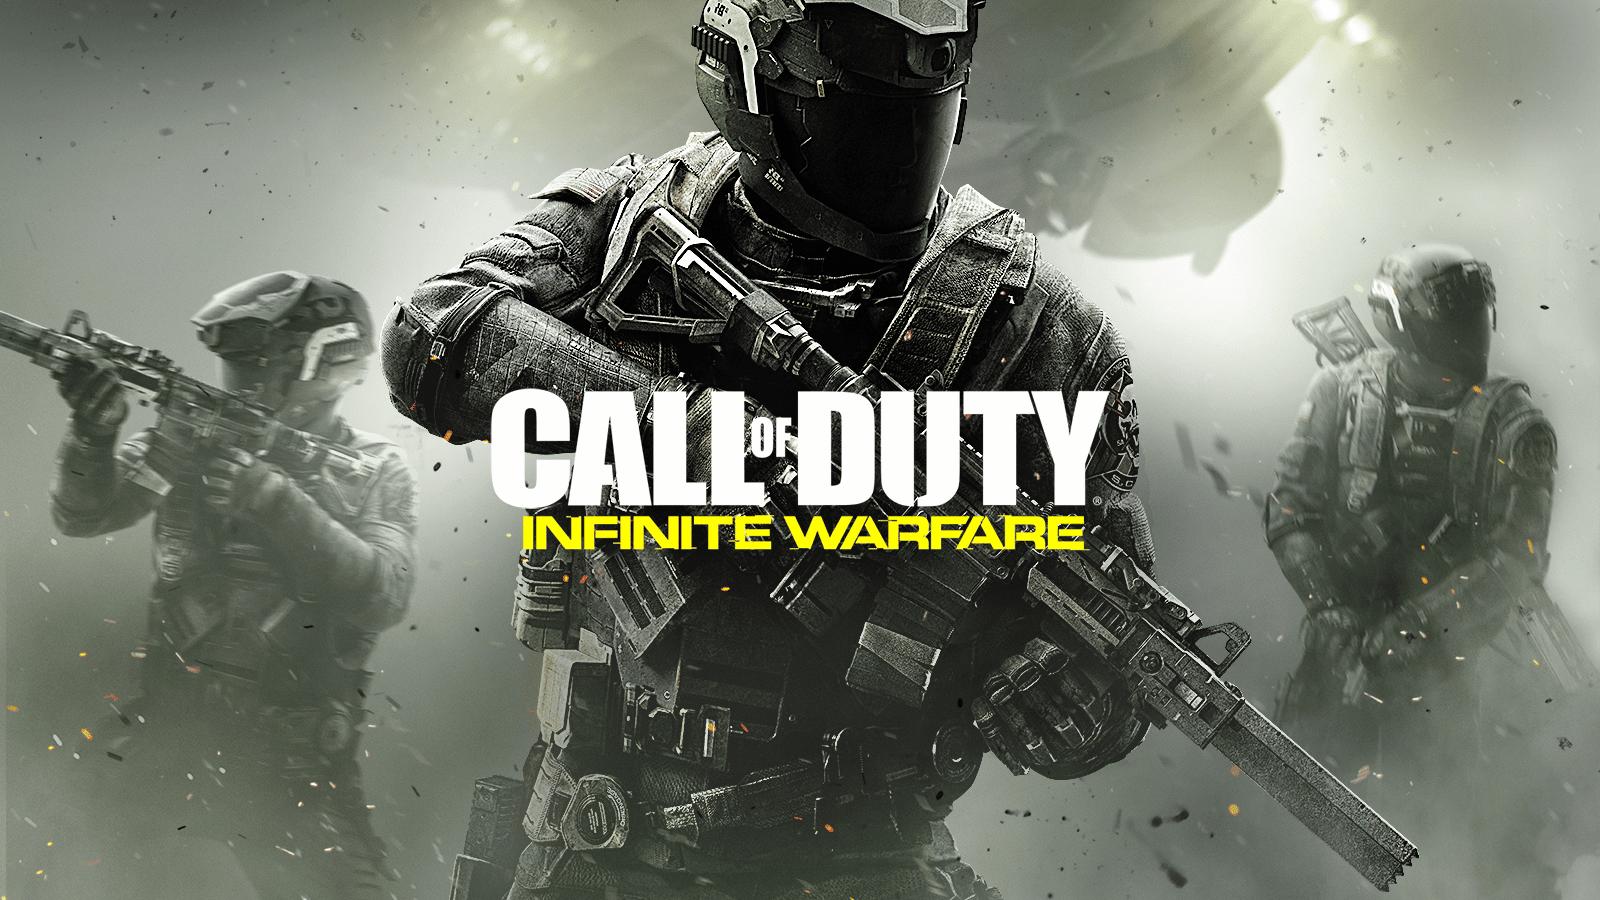 Call of Duty: Infinite Warfare telecharger gratuit de PC et Torrent